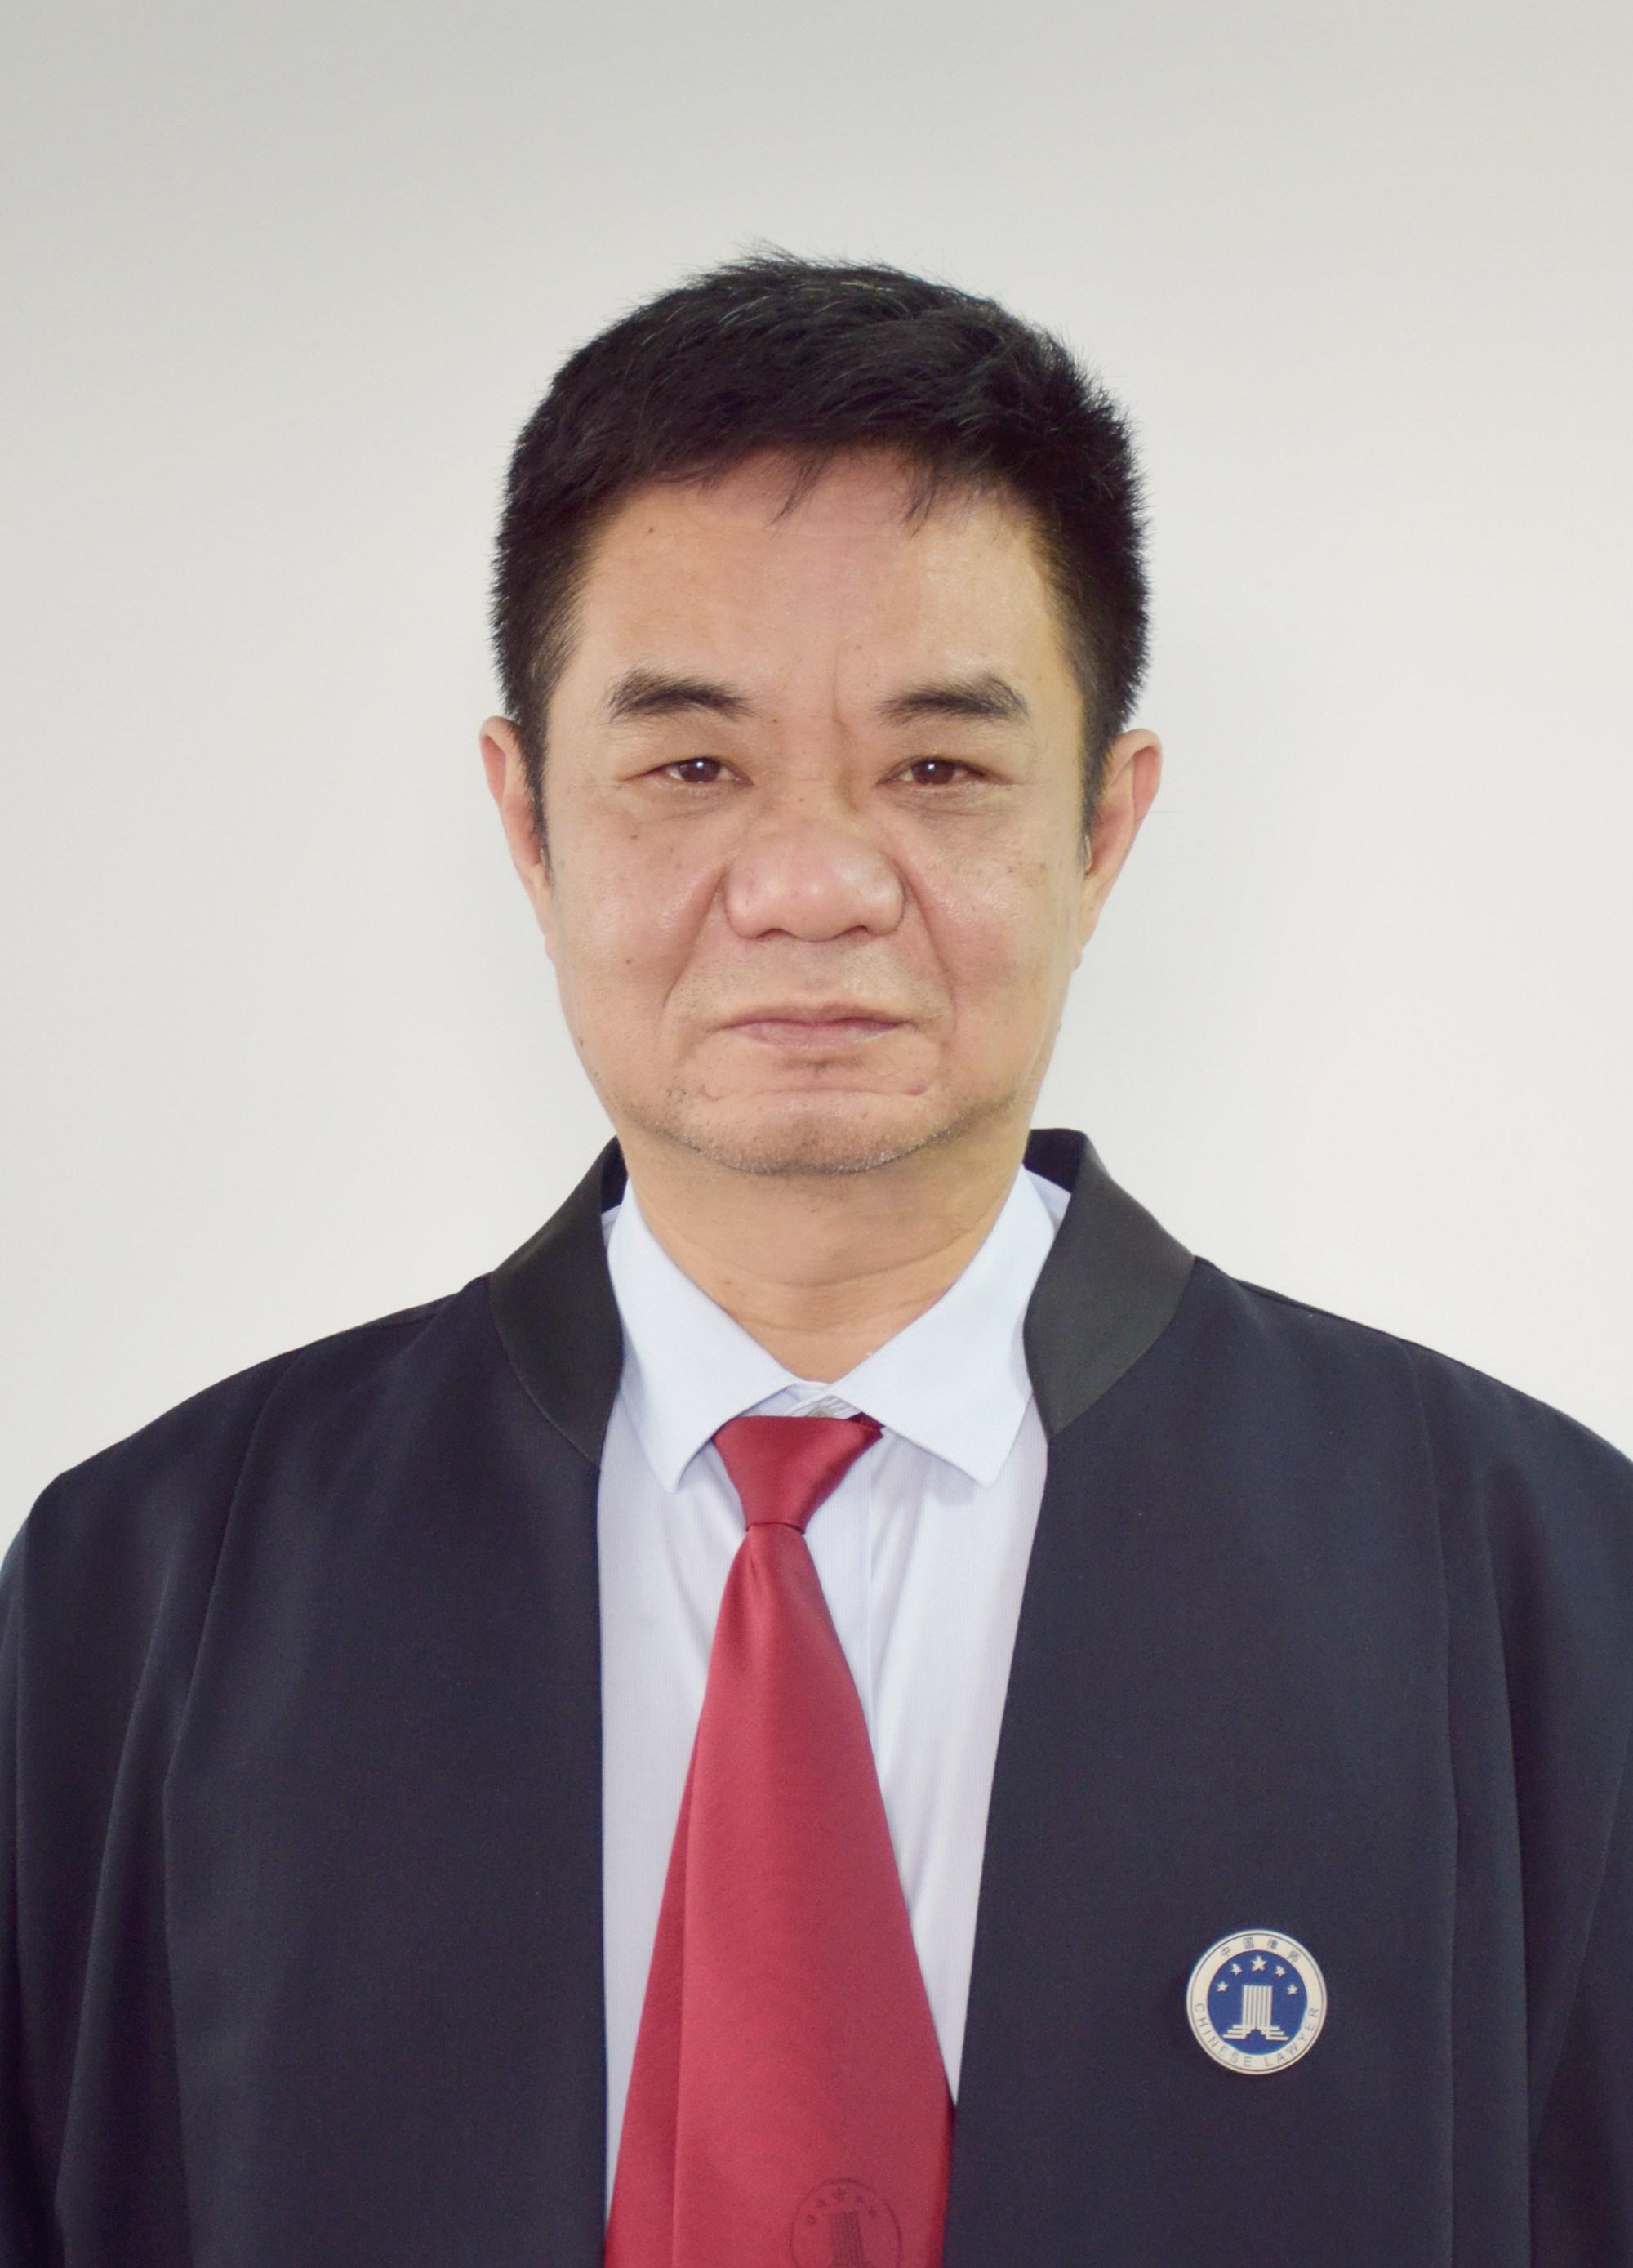 赖卫东律师